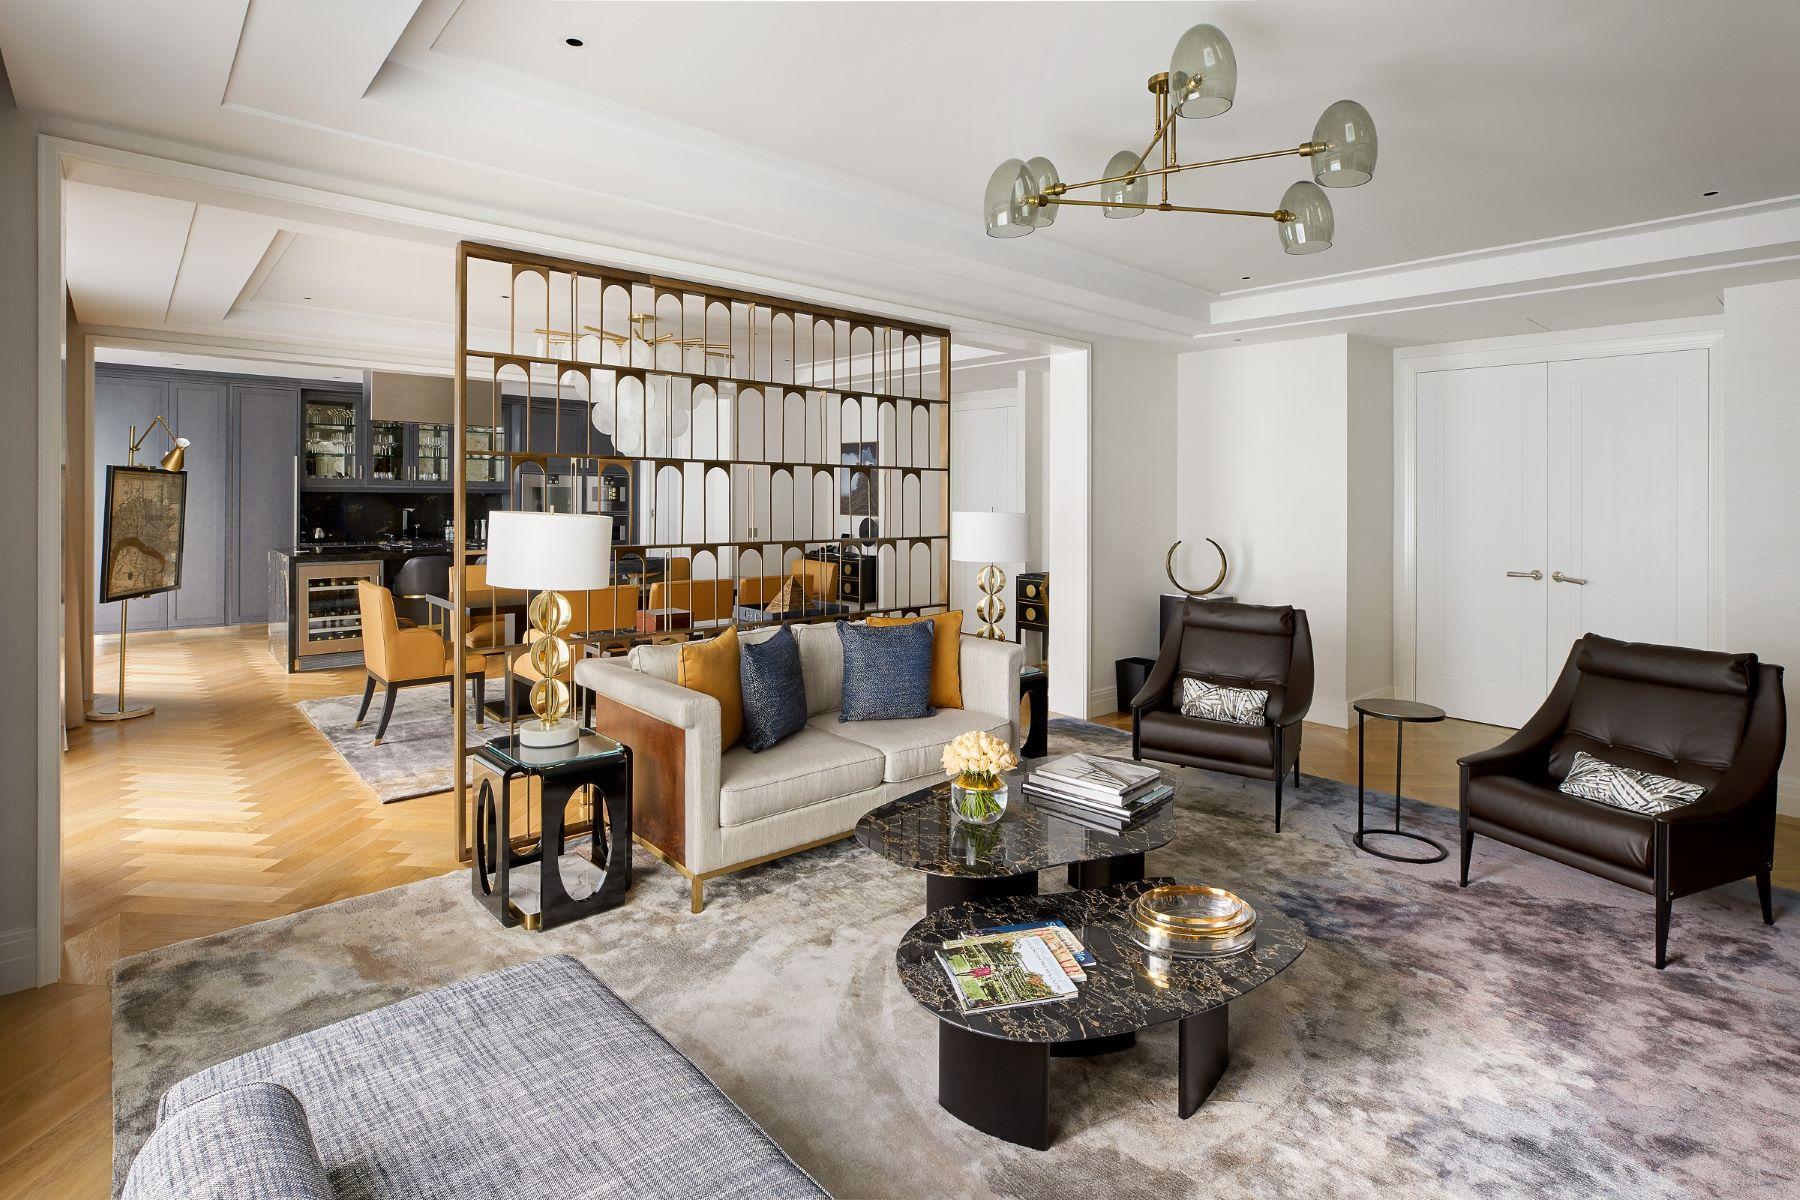 Apartments para Alugar às Trinity Square, Tower Hill, EC3N 10 Trinity Sqquare Tower Hill Londres, Inglaterra EC3N 4AJ Reino Unido